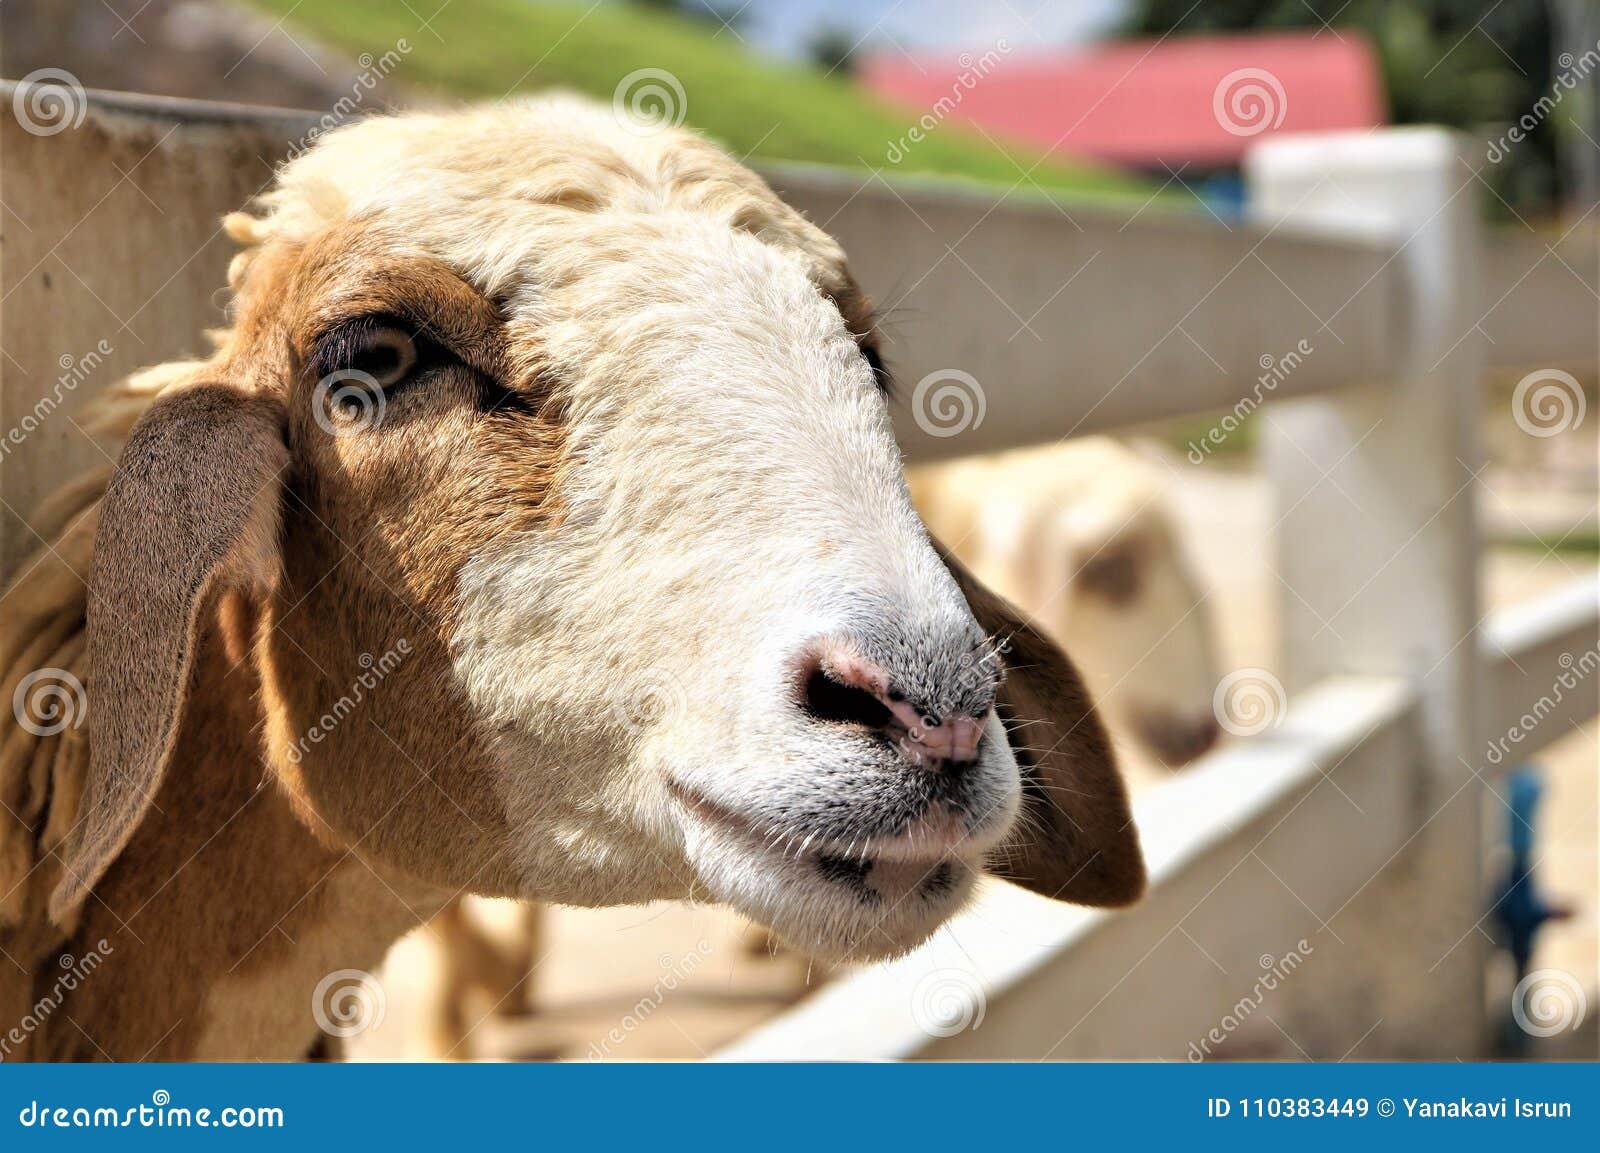 Здравствуйте! отключение счастливого праздника овец хорошее